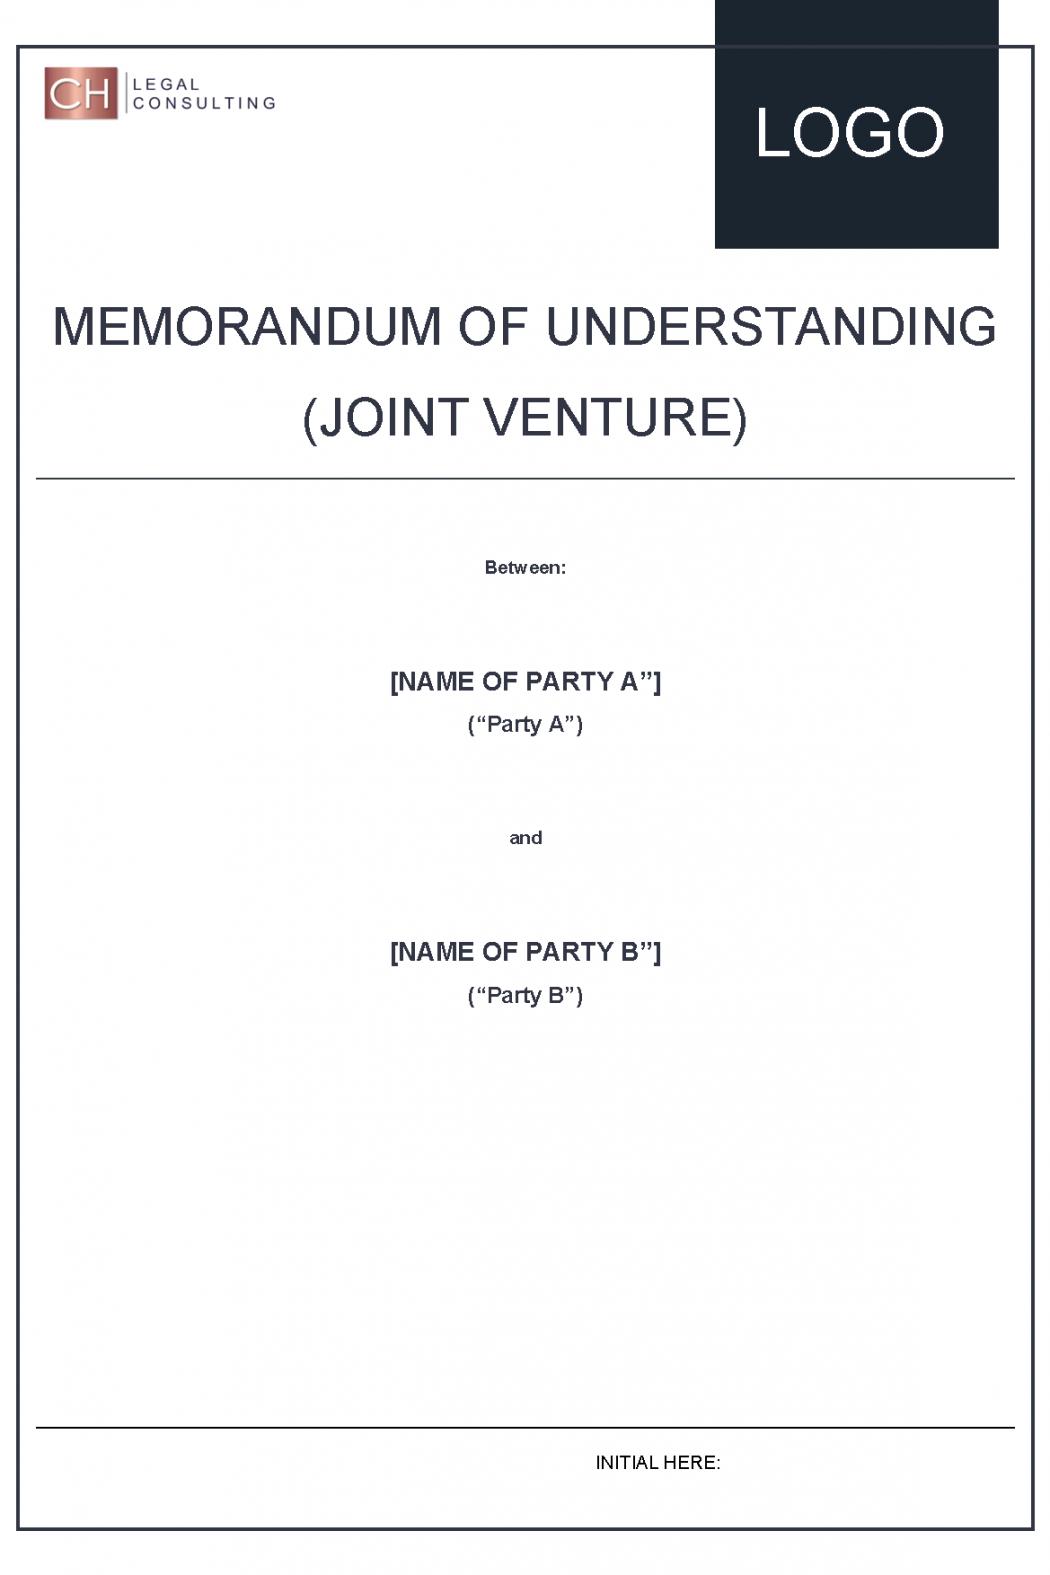 Memorandum of Understanding (Joint Venture)